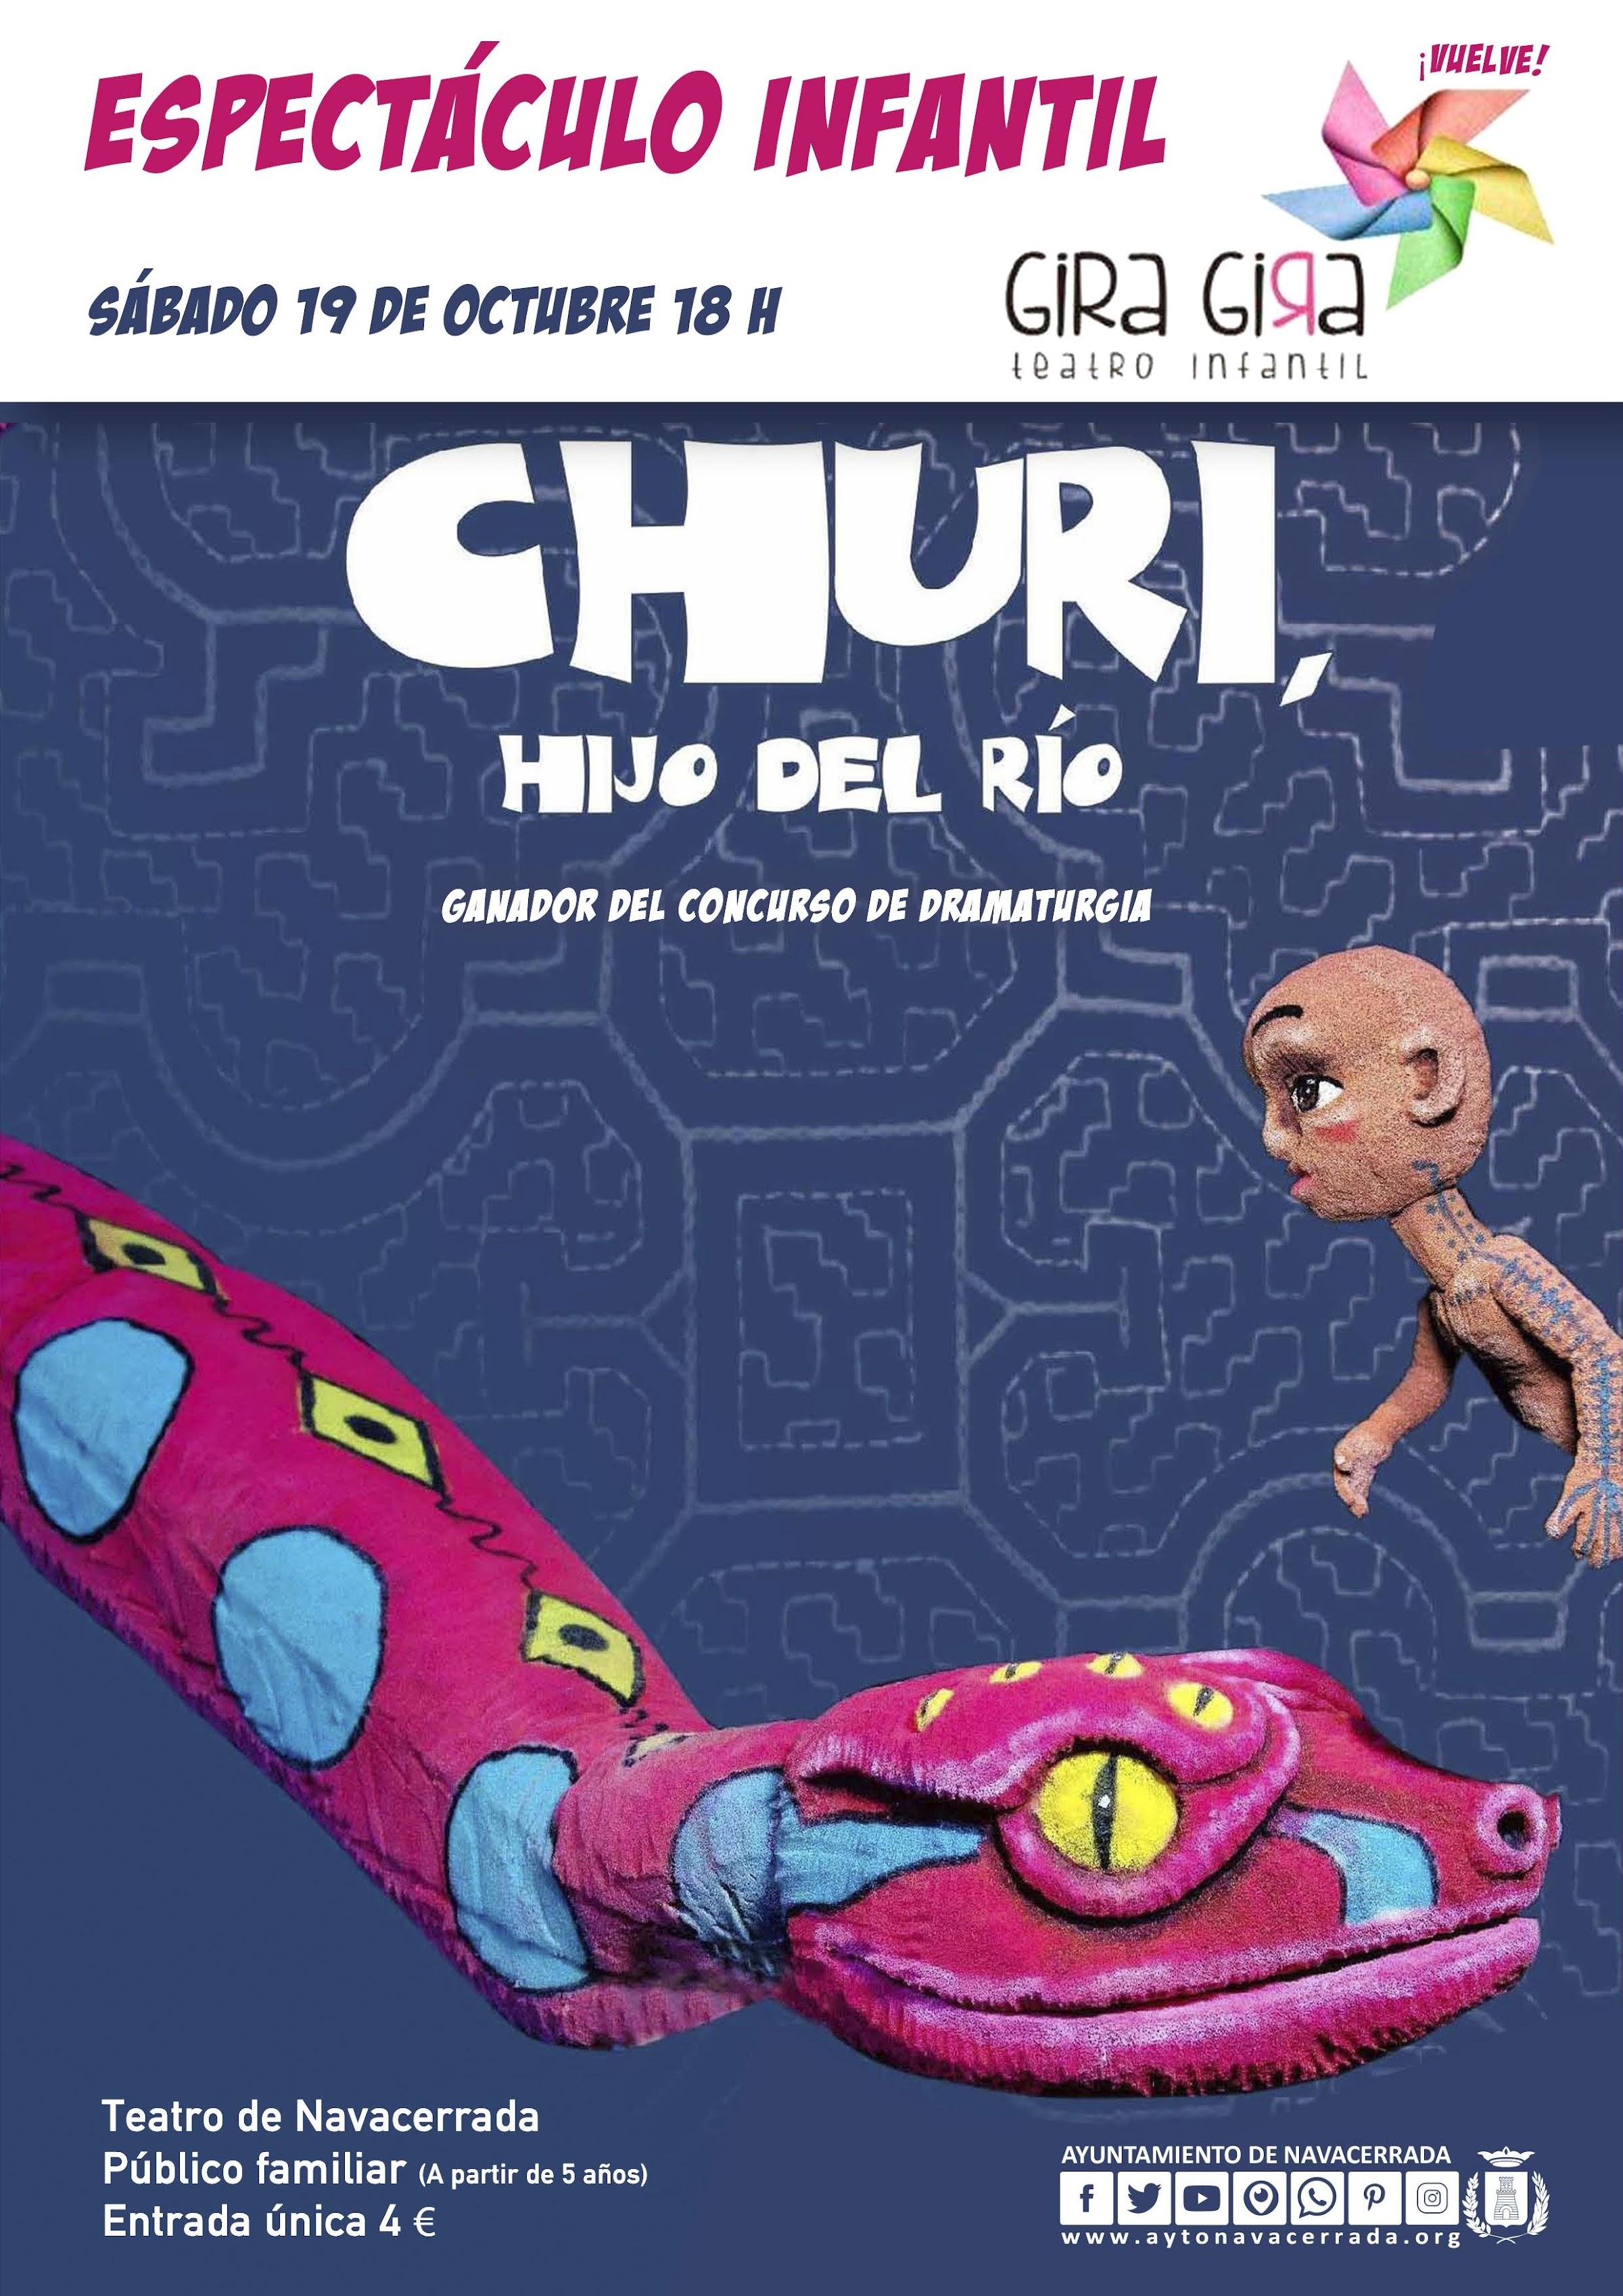 churi